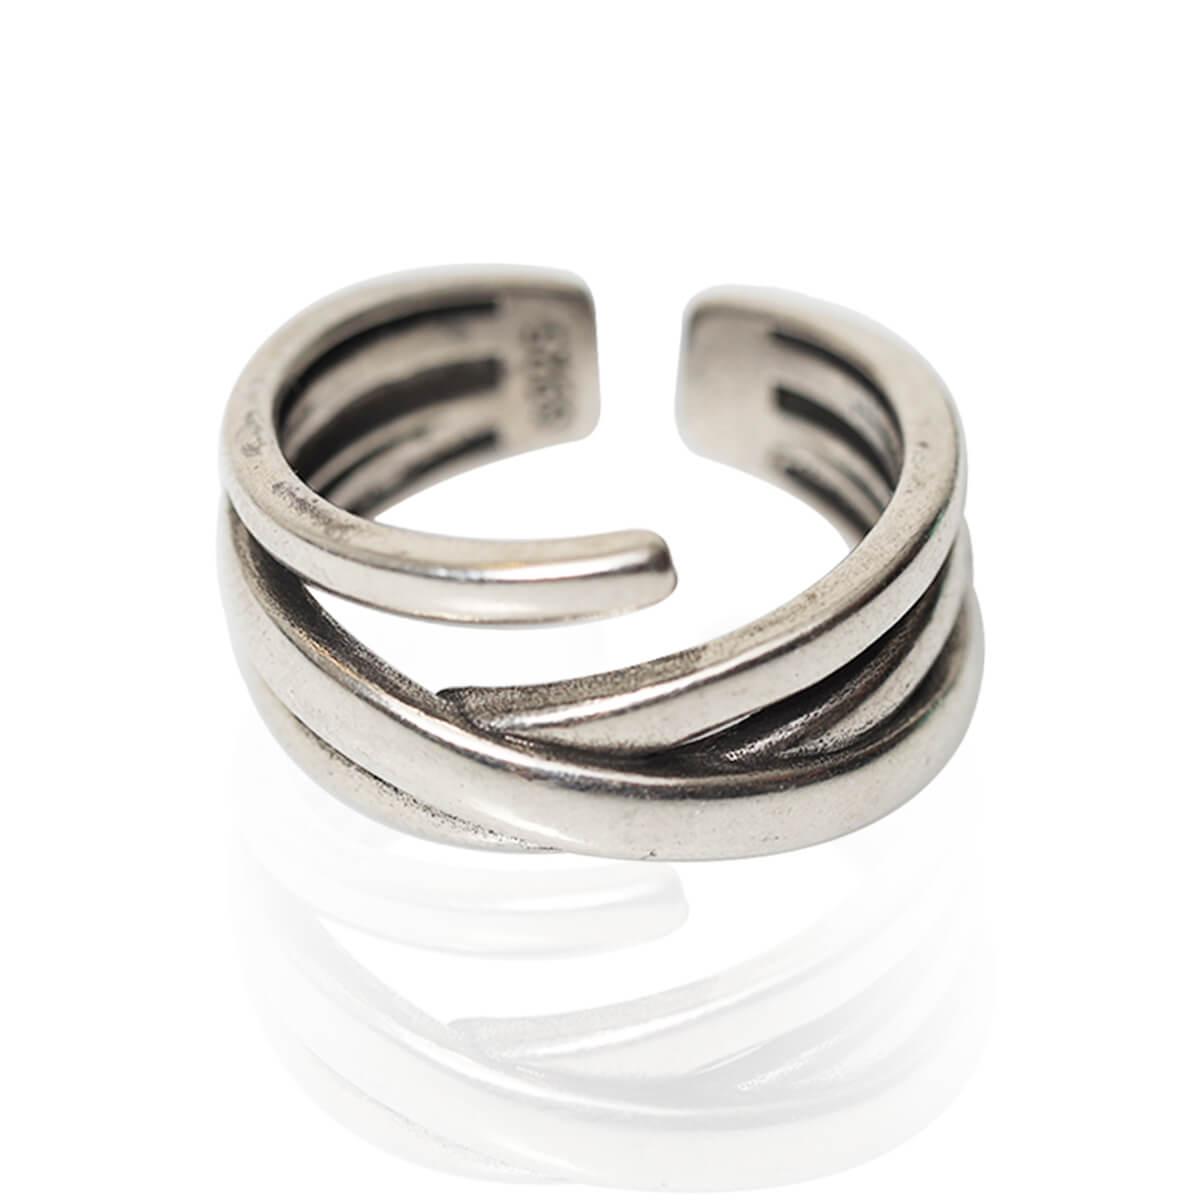 טבעת חישוקים אלגנטית לגבר ולאישה ציפוי כסף 925 עם חותמת